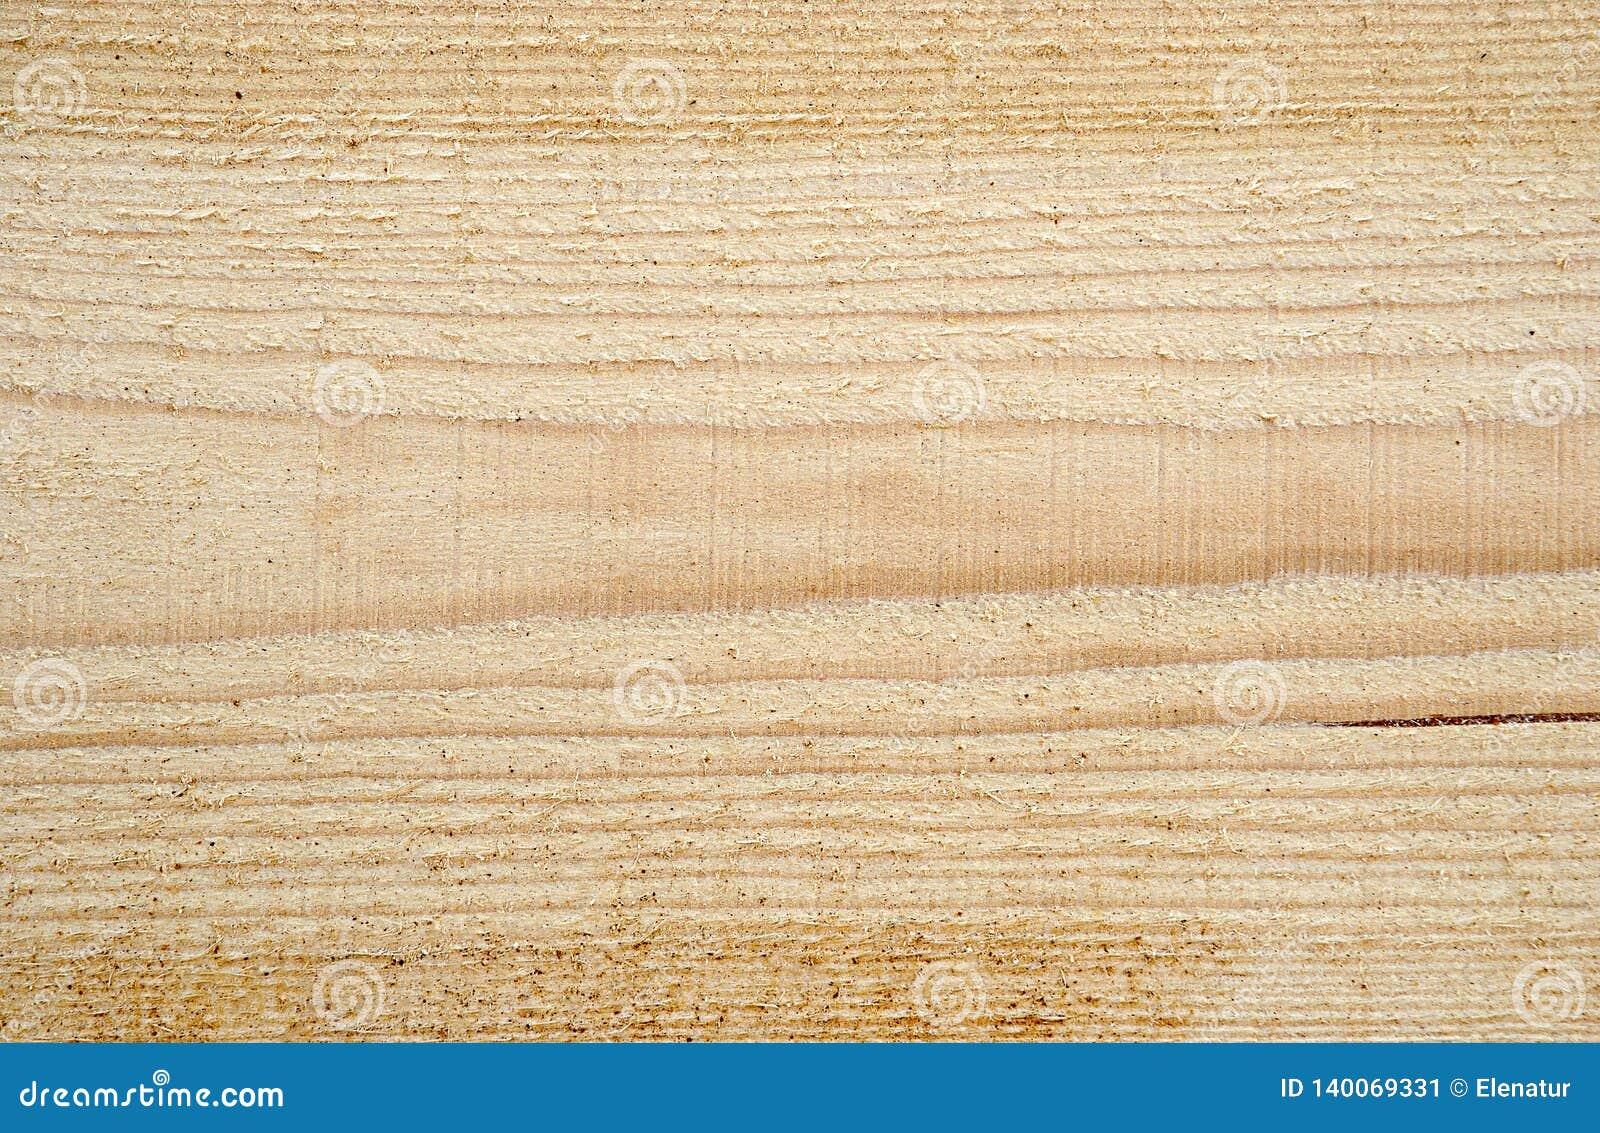 Texture de bois fraîchement scié, fond, plan rapproché